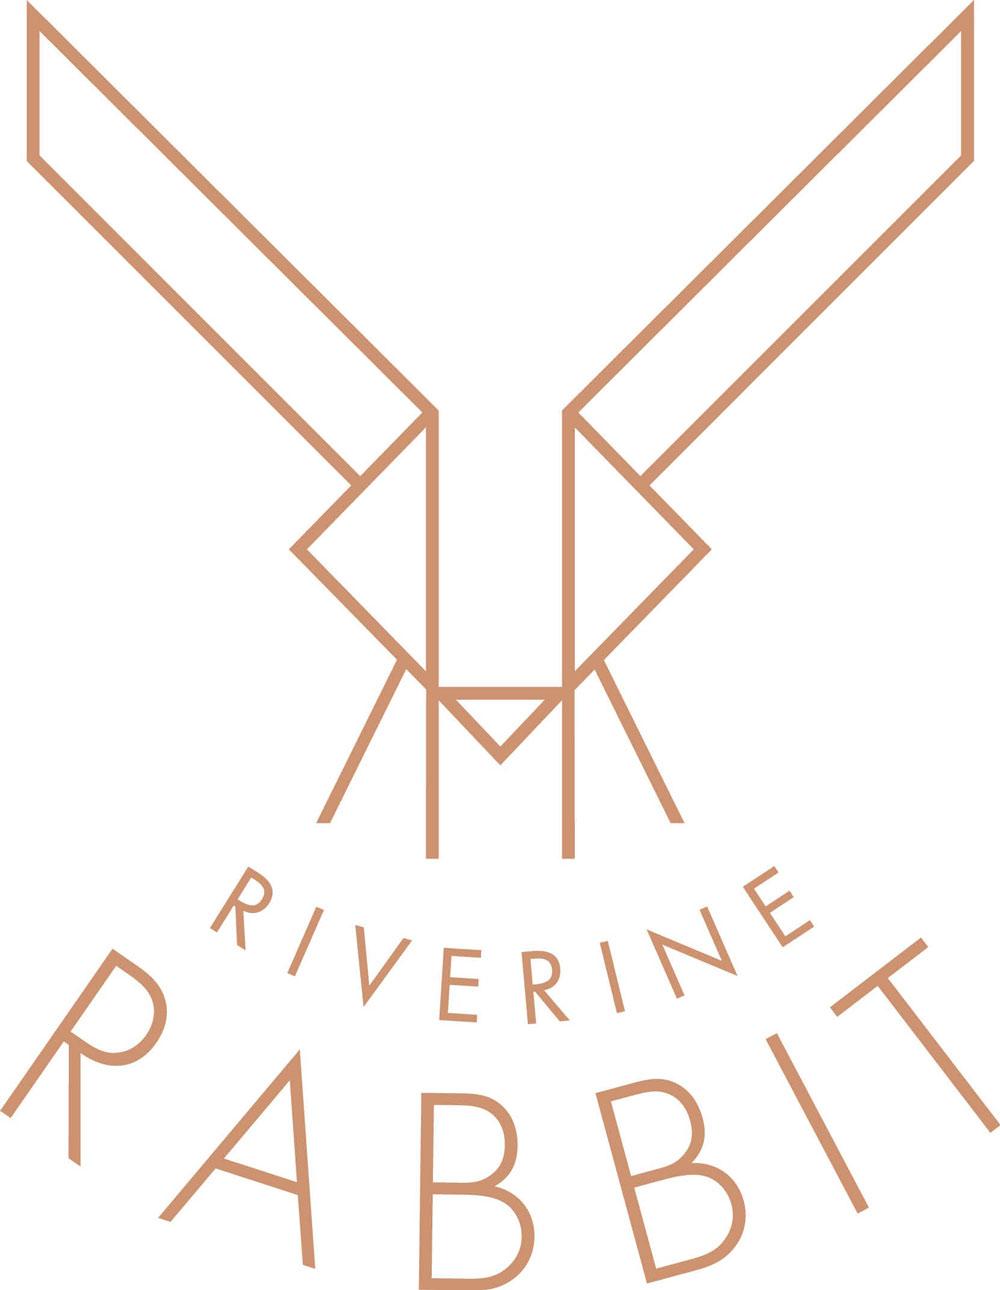 Reverine Rabbit